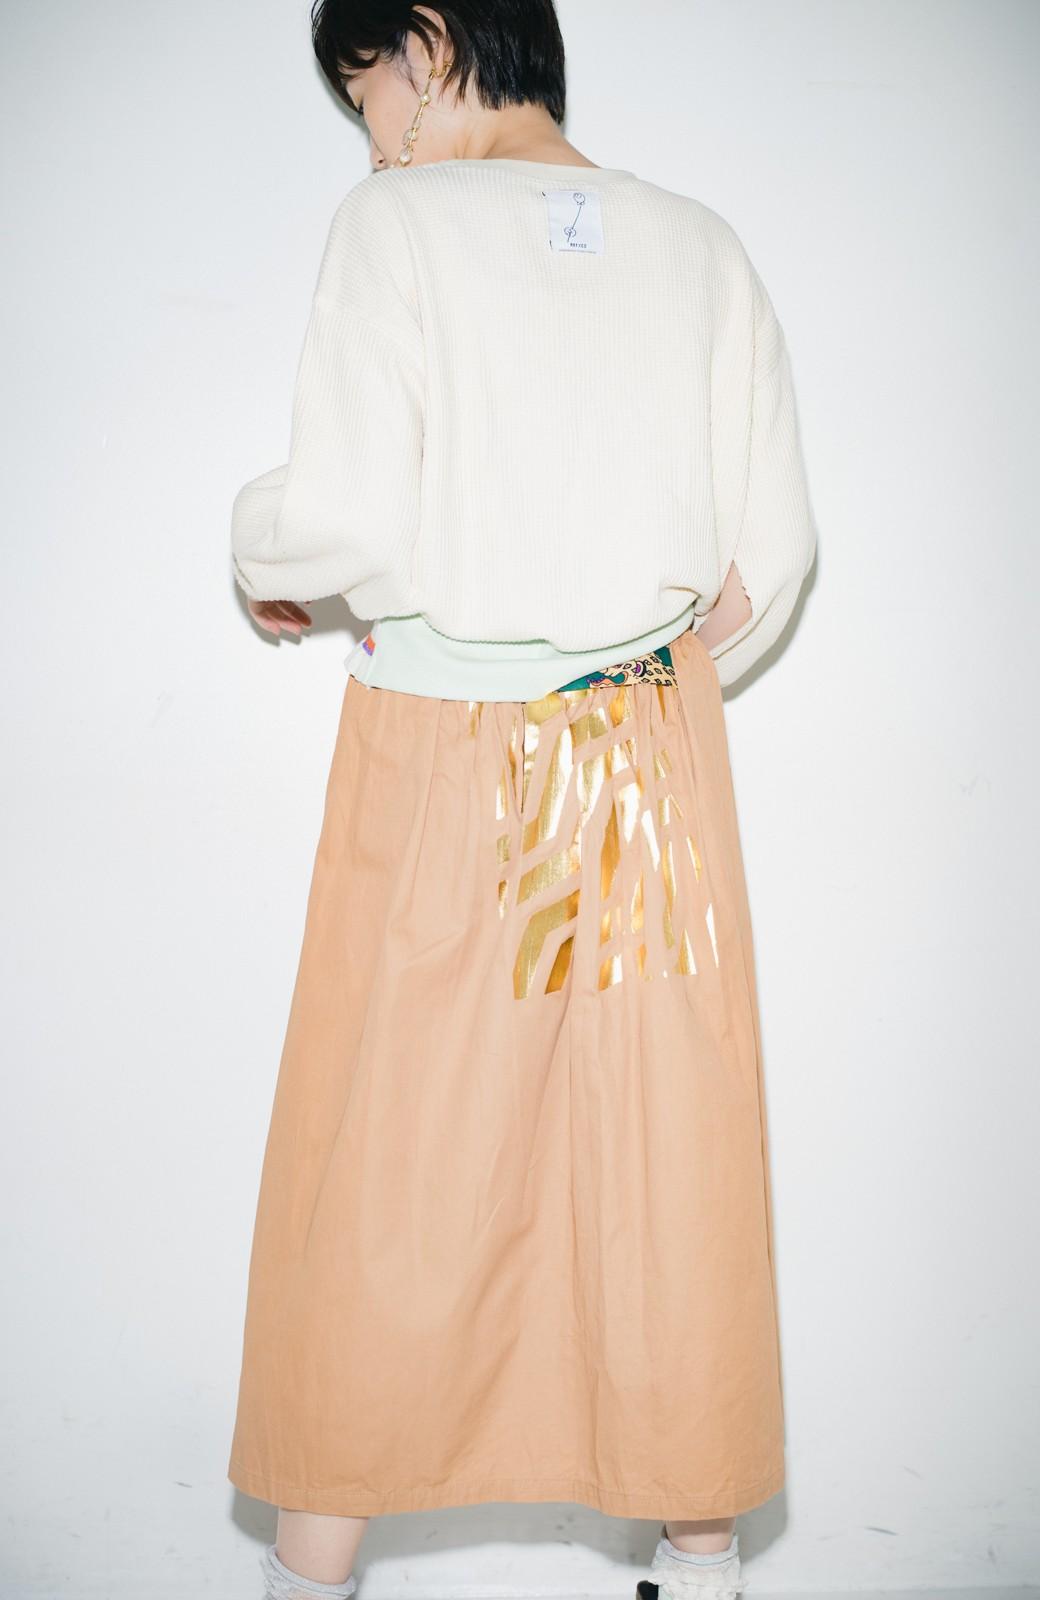 haco! haco! × RBTXCO後ろ姿にトキメキ 箔プリントとヒョウ柄ゴムのウエストリボンスカート <ベージュ>の商品写真9